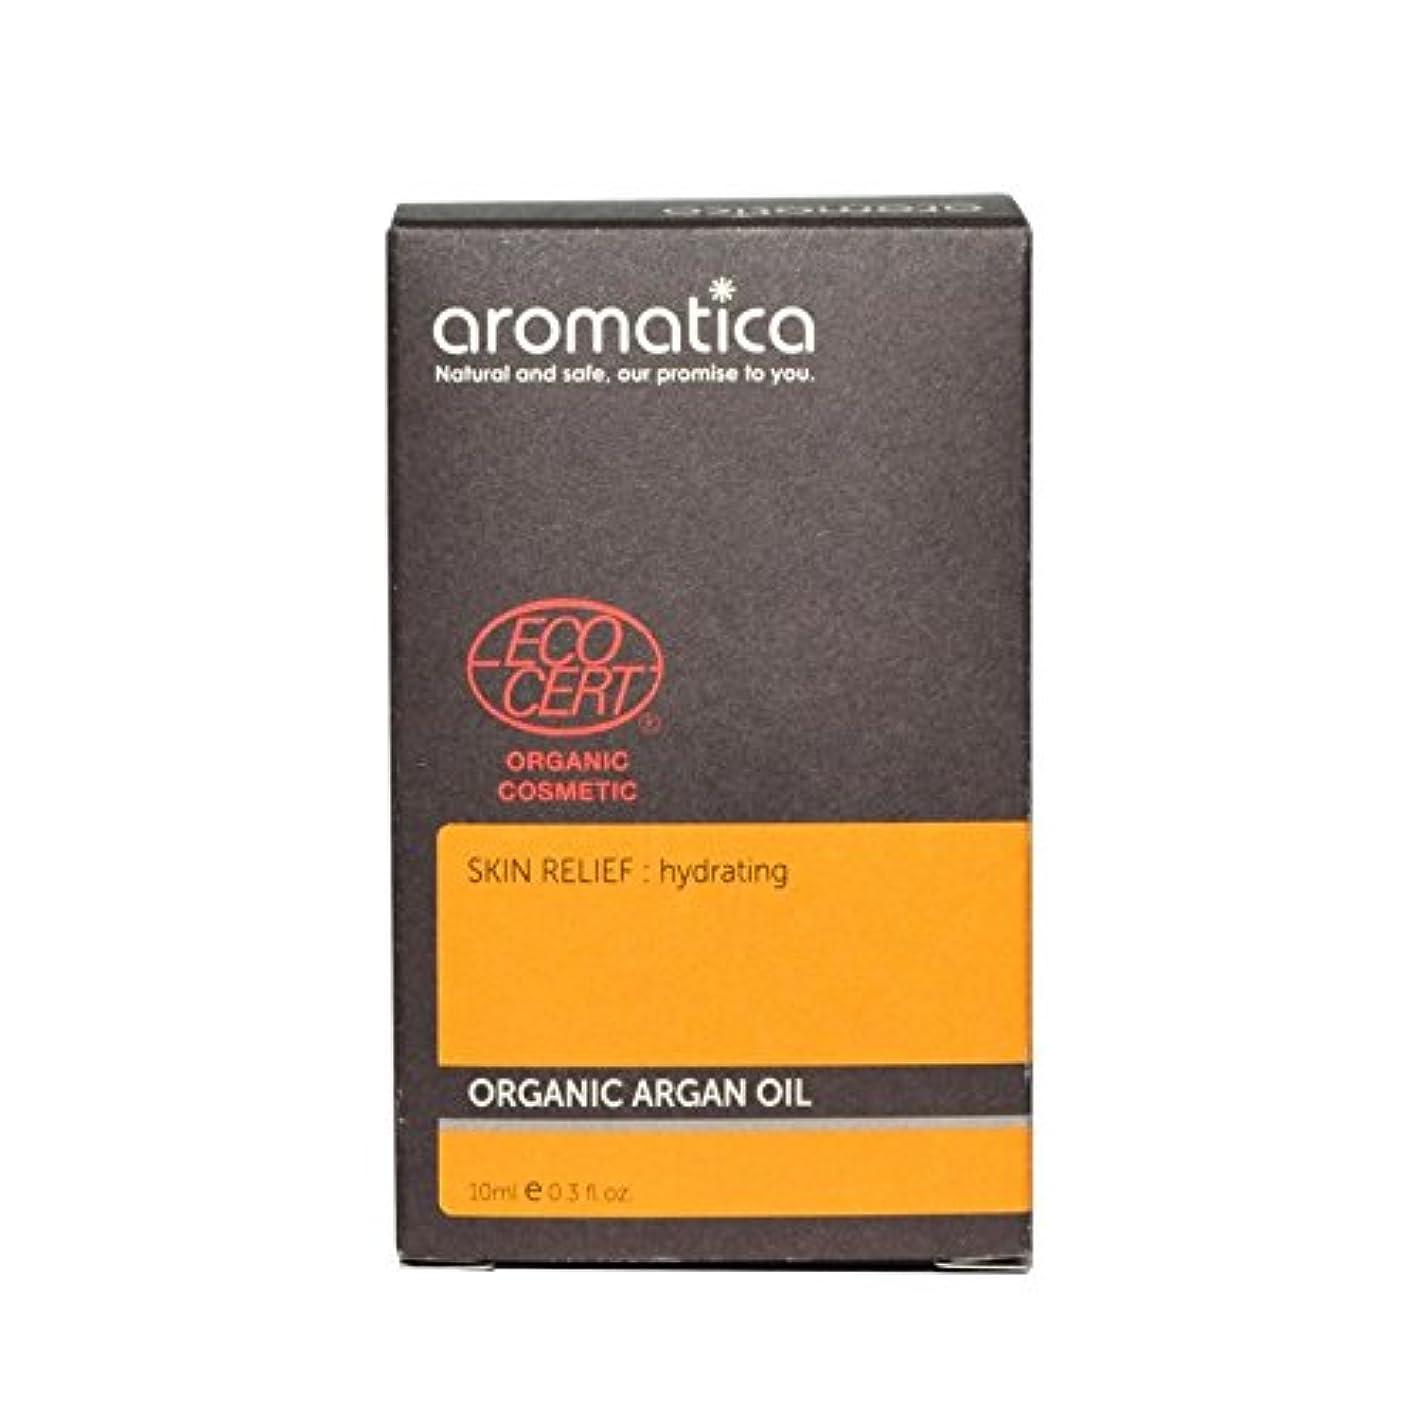 タイヤ保証金中毒オーガニックアルガンオイル10ミリリットル x4 - aromatica Organic Argan Oil 10ml (Pack of 4) [並行輸入品]